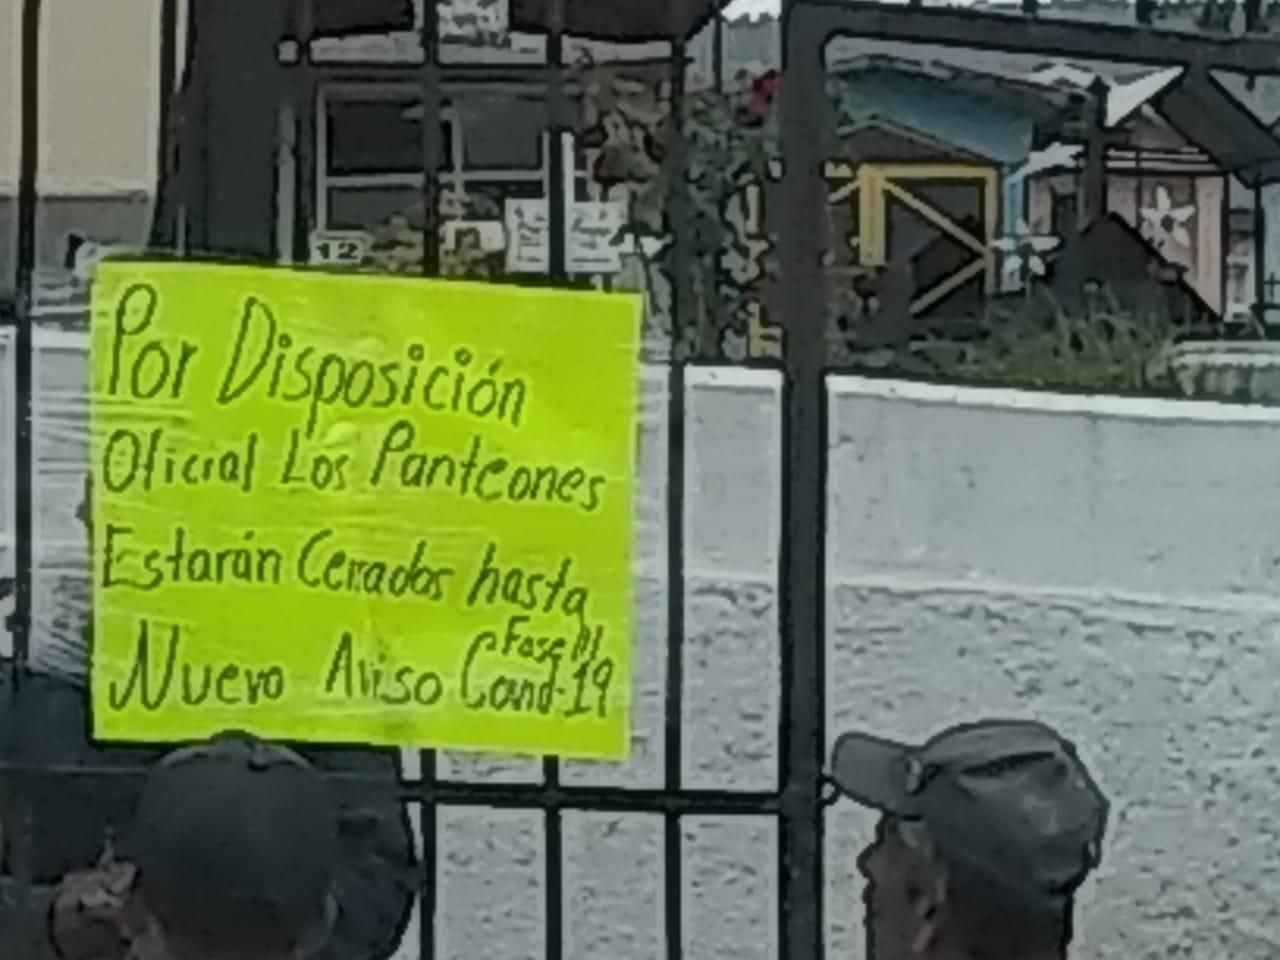 PANTEONES DEL EDOMÉX SUSPENDEN VISITAS PARA EVITAR CASOS DE COVID-19